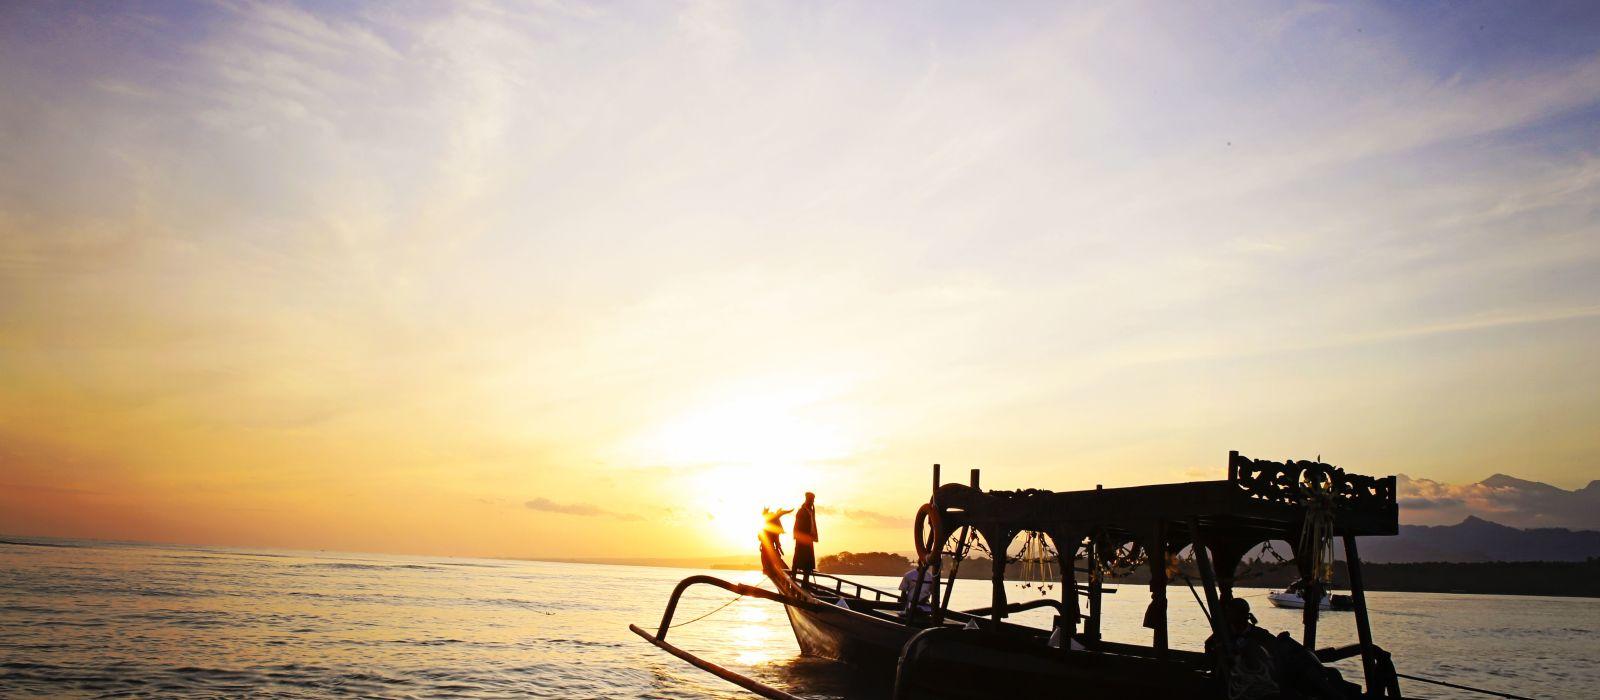 Stilvoll, elegant und luxuriös durch Indonesien Urlaub 3